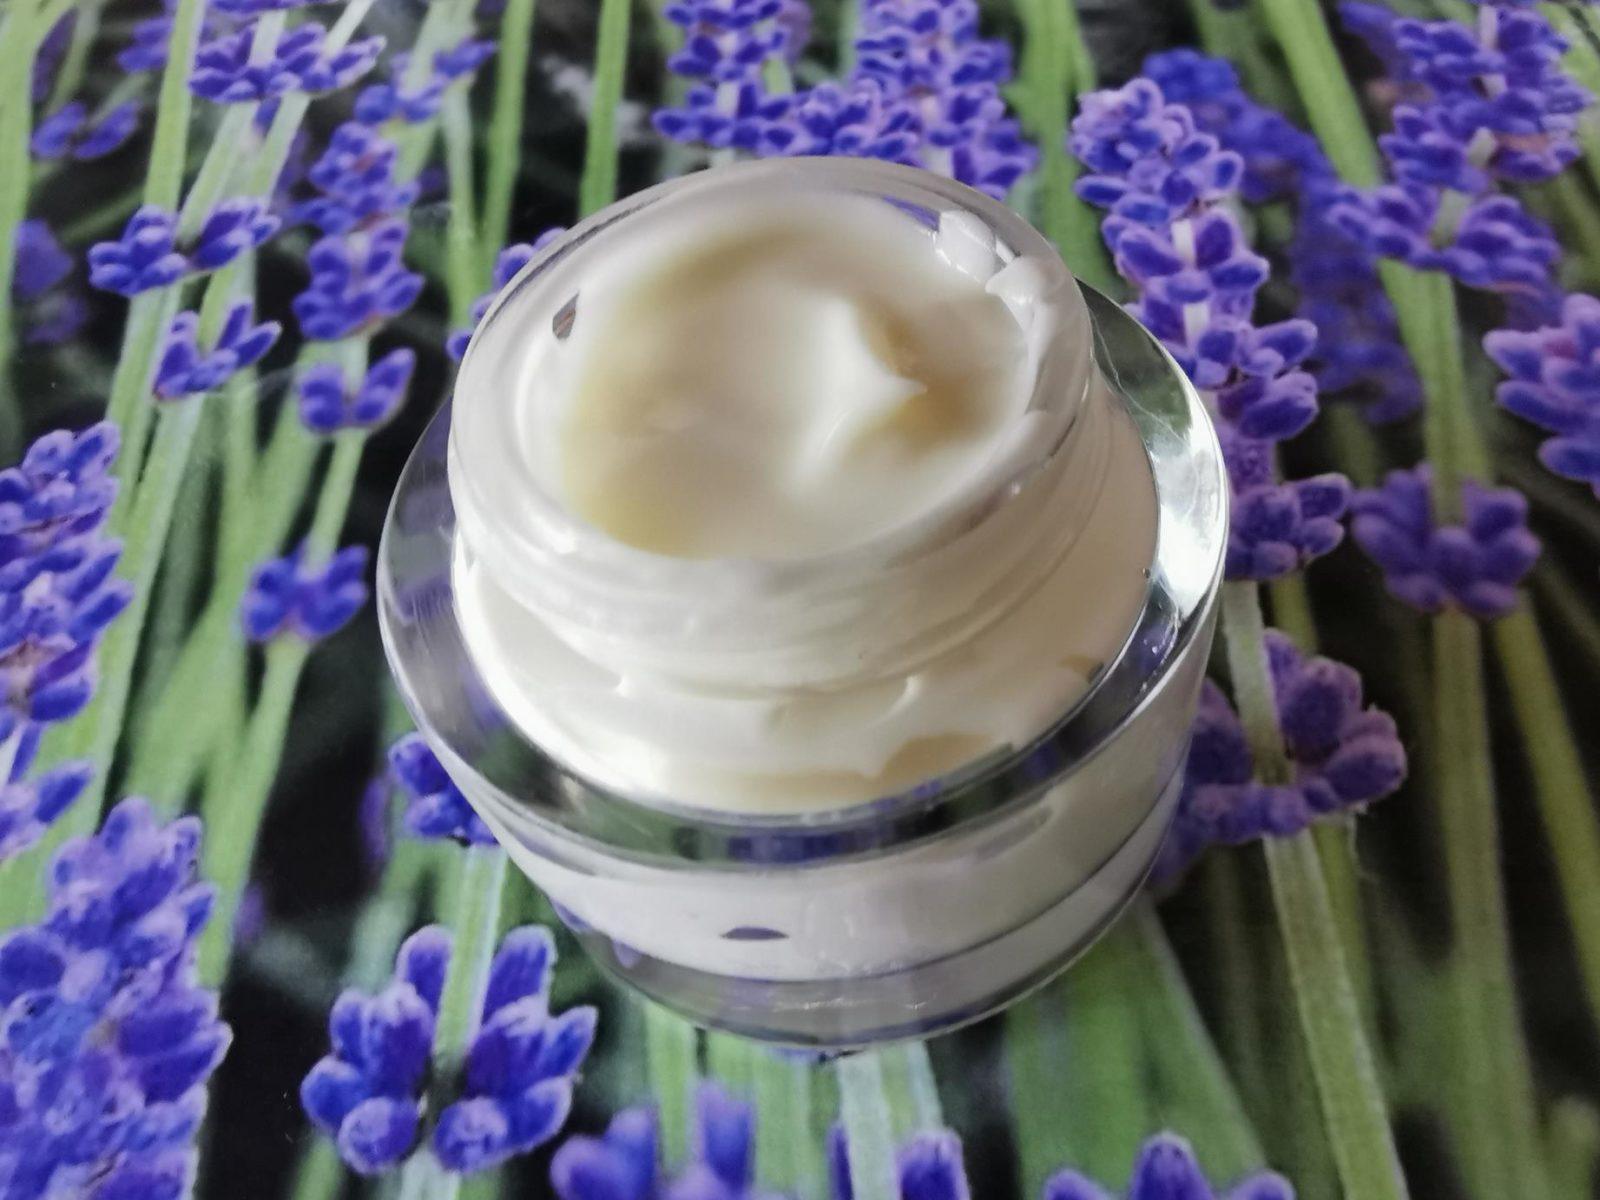 Atelier cosmétique - crème hydratante - Le Grimoire de Sandrine